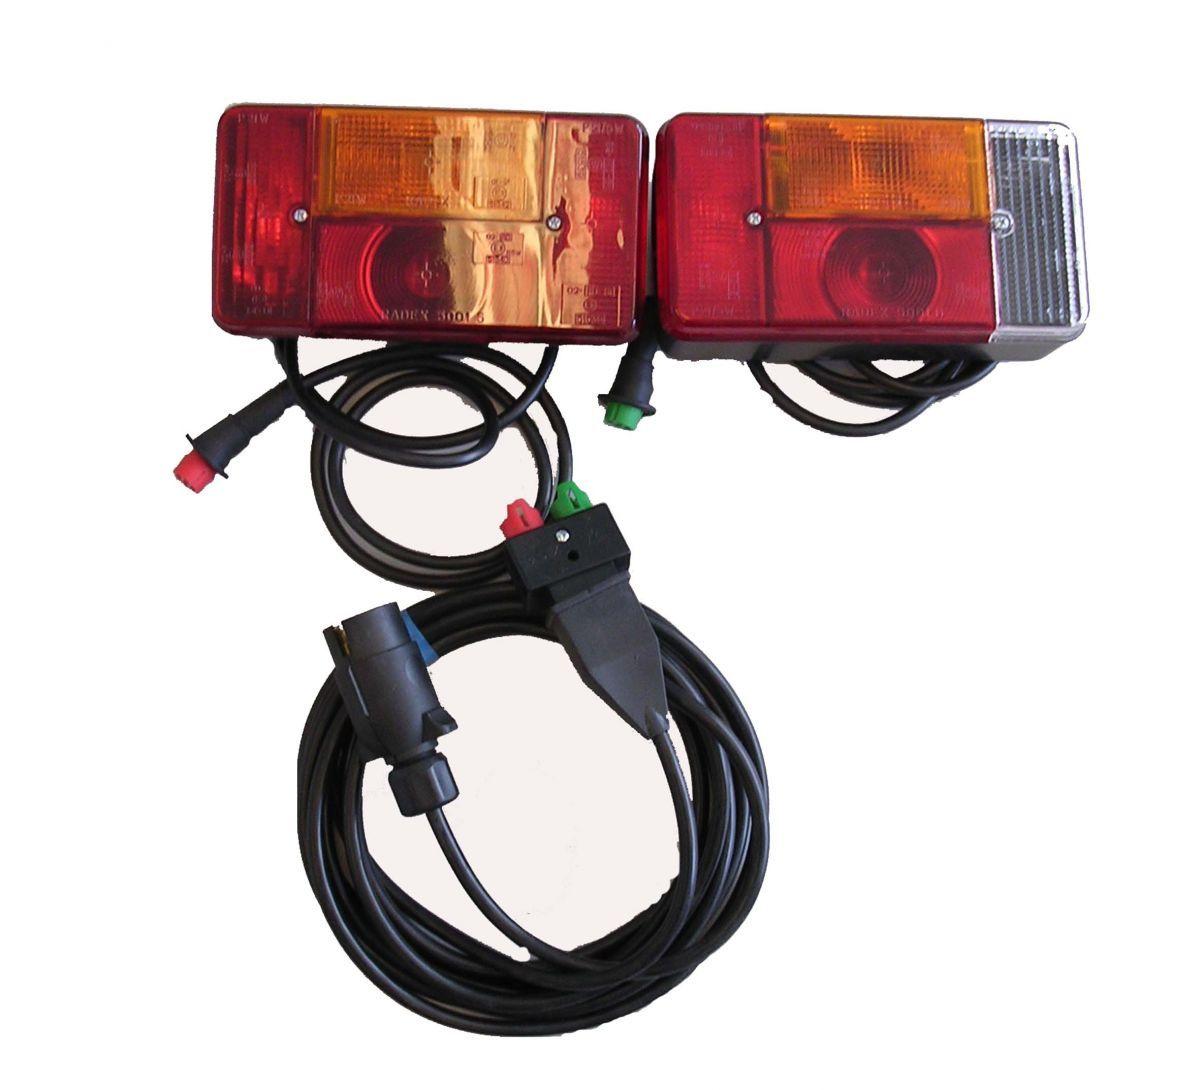 achterlicht set 7p kabel 5m radex